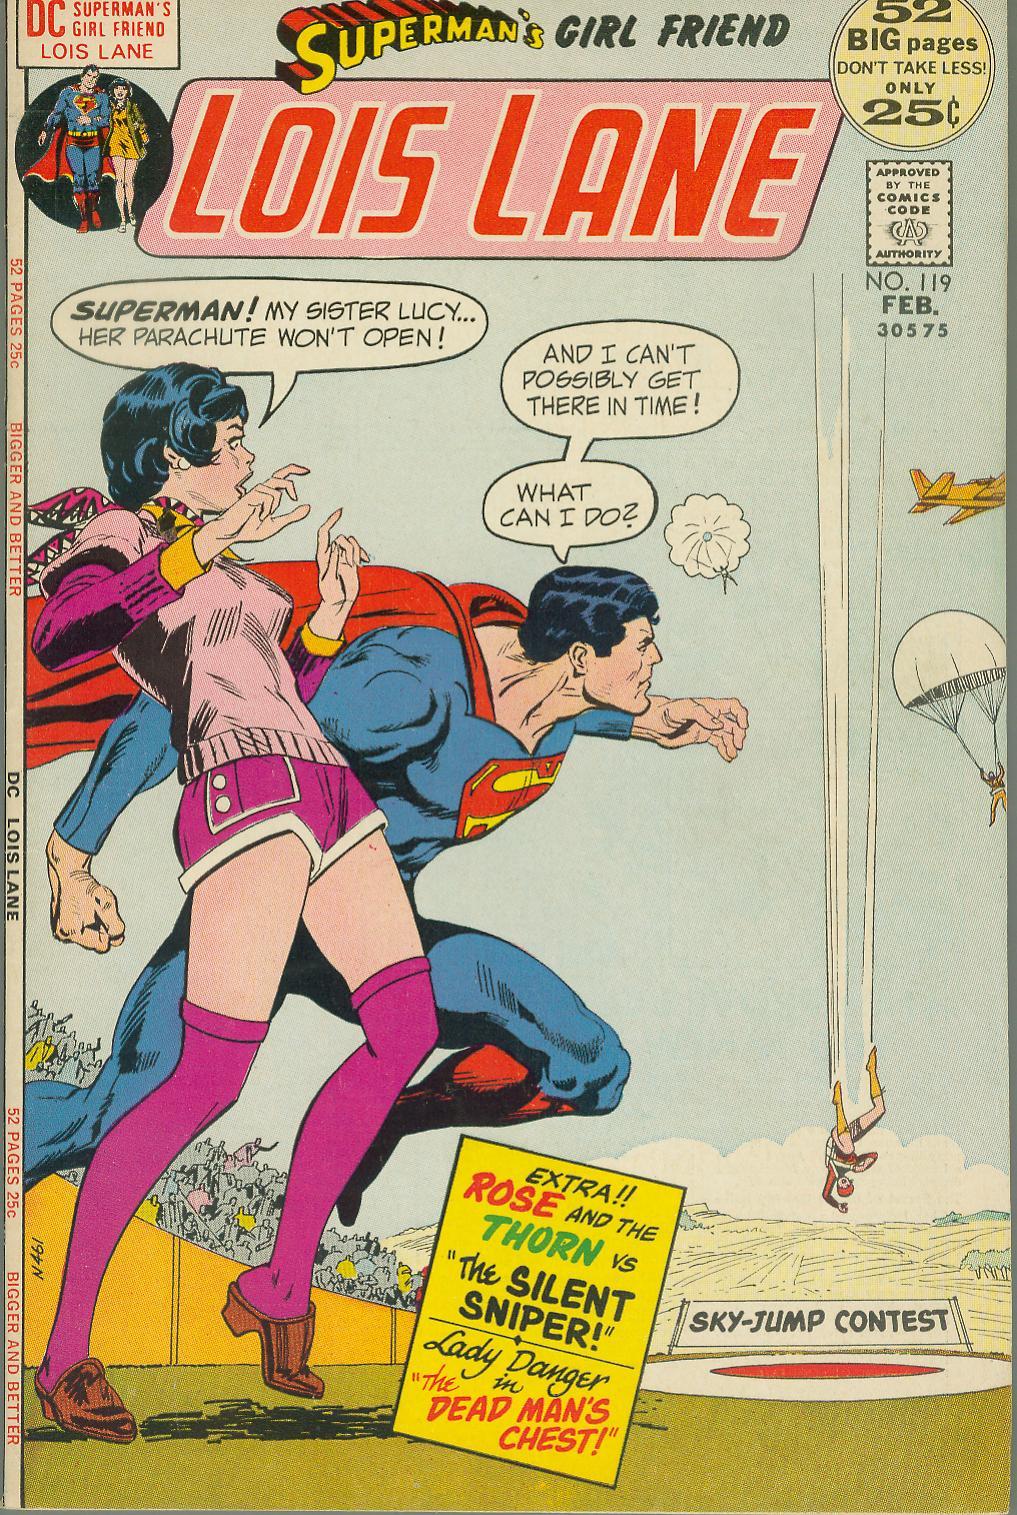 Supermans Girl Friend, Lois Lane 119 Page 1